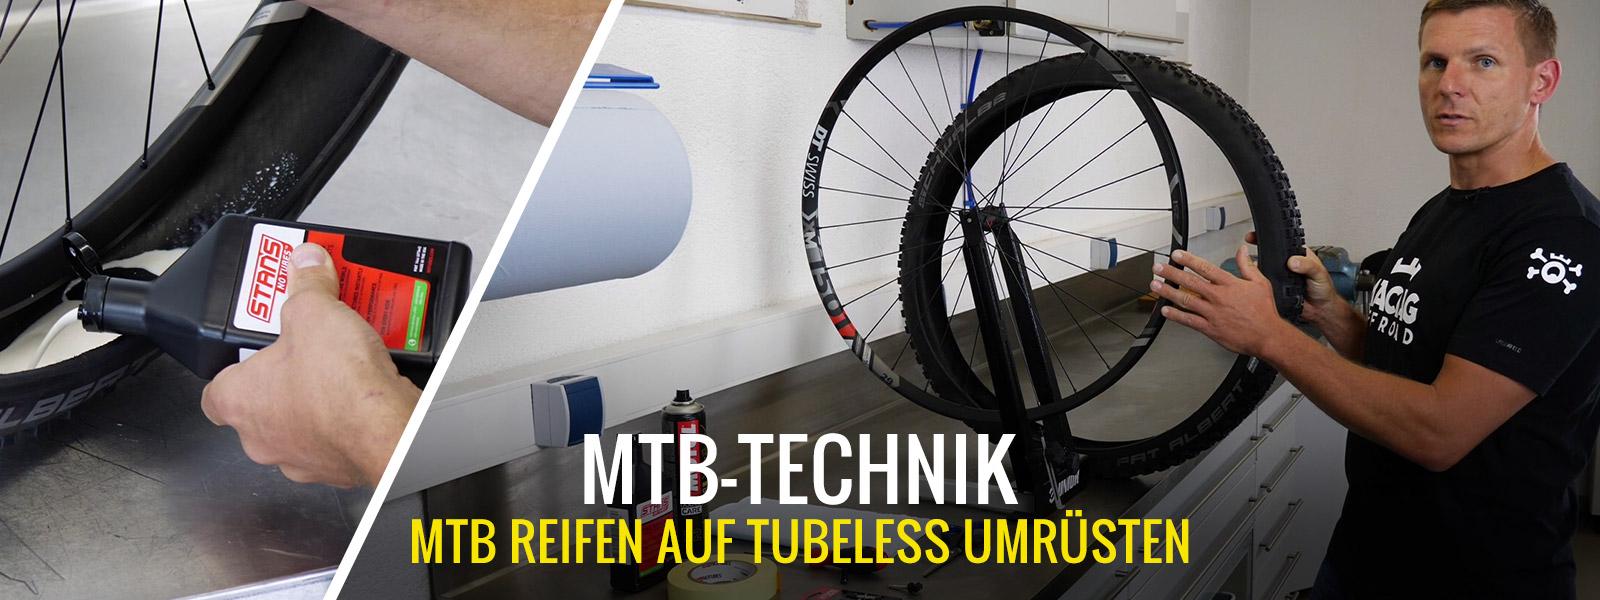 Mountainbike - Umrüstung auf Tubeless